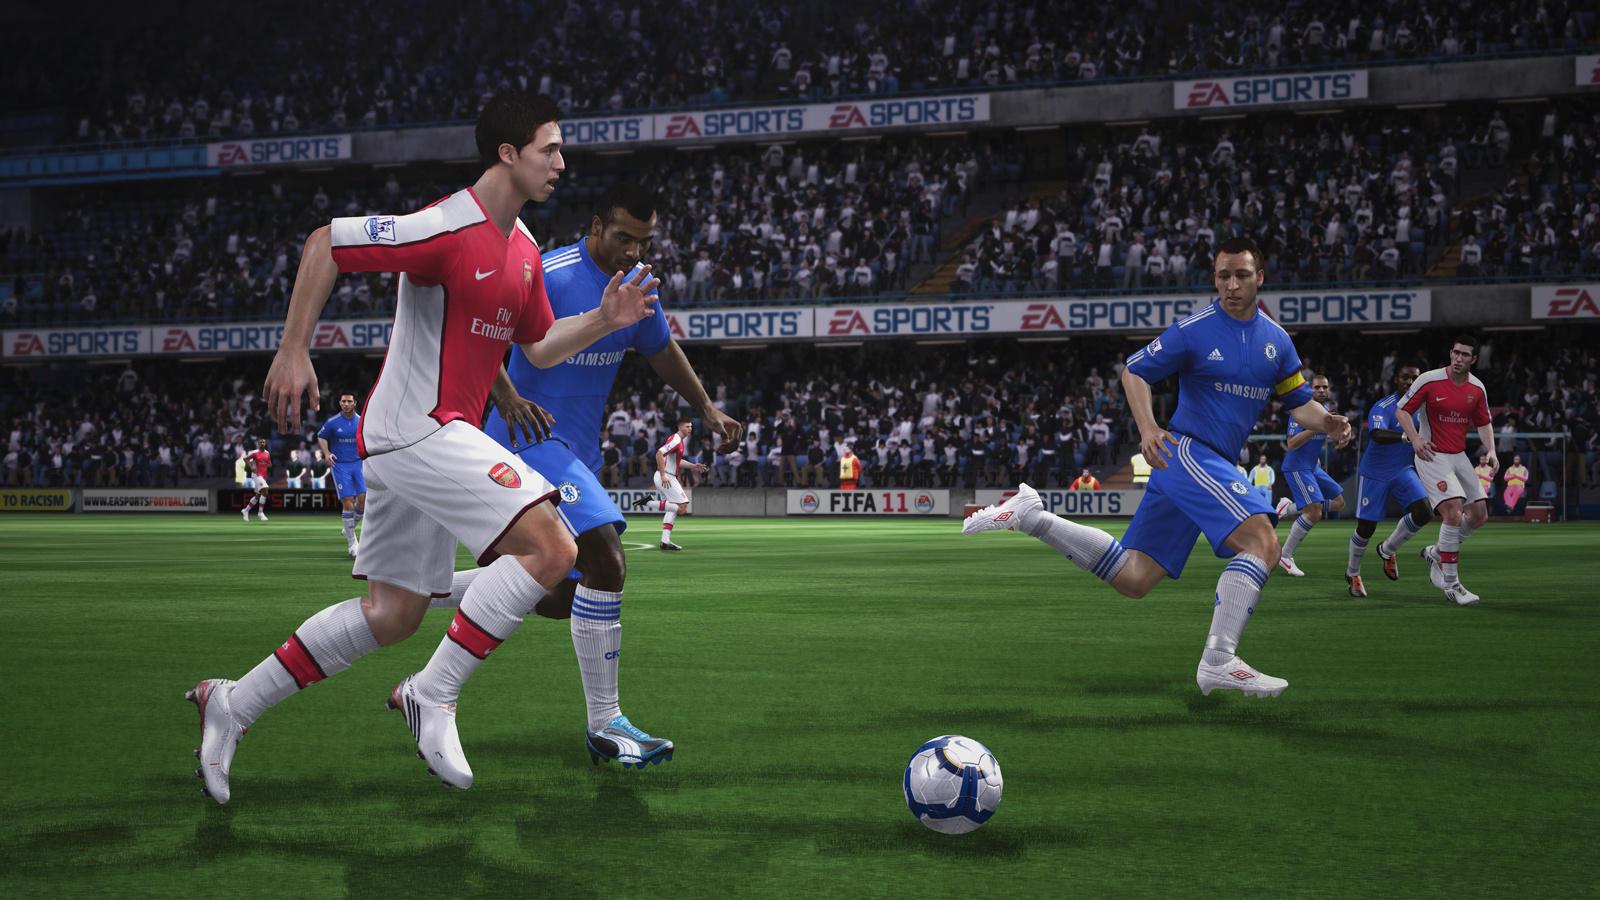 FIFA 11 (2010) (Xbox 360, PS3, Wii, PC, PS2, PSP, DS, iOS e BlackBerry OS) | Capa: Kaká e Wayne Rooney | Narração e comentários: Martin Tyler e Andy Gray